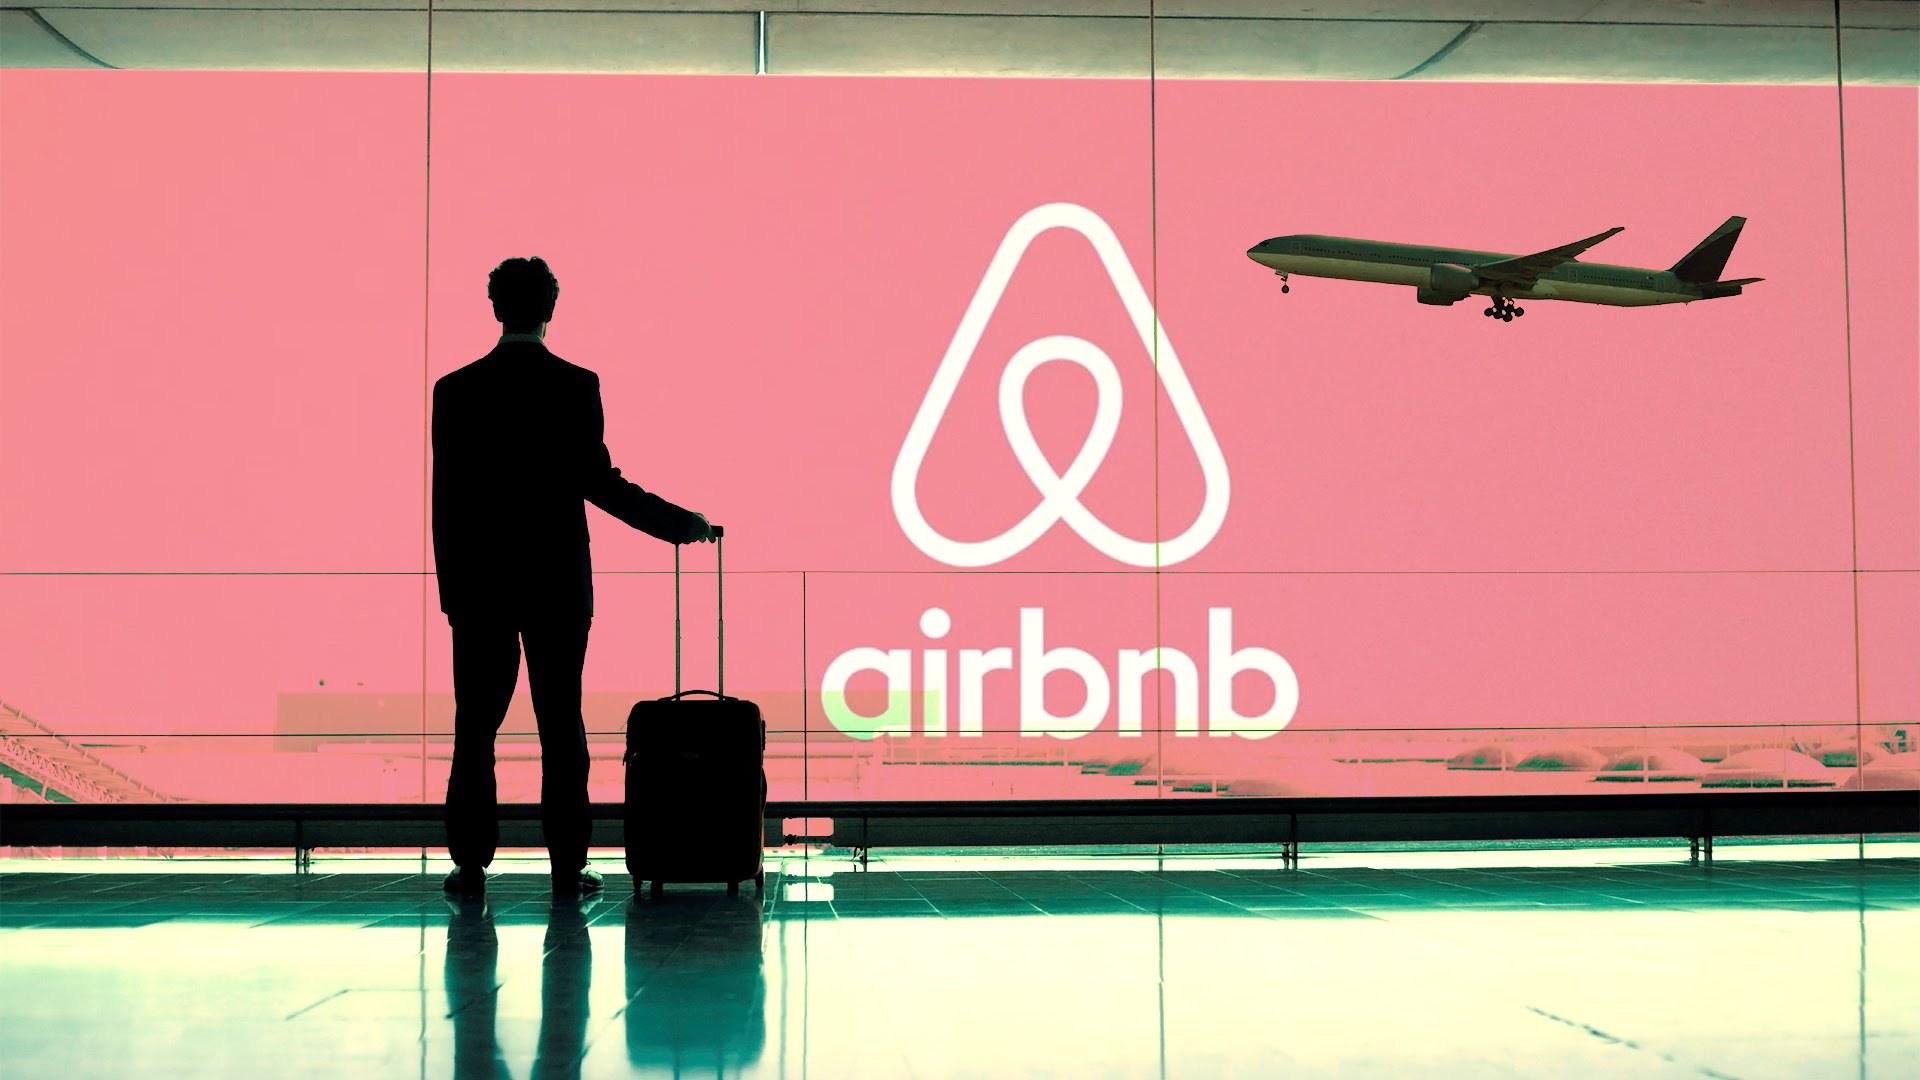 Airbnb entra en el mercado de propiedades de lujo